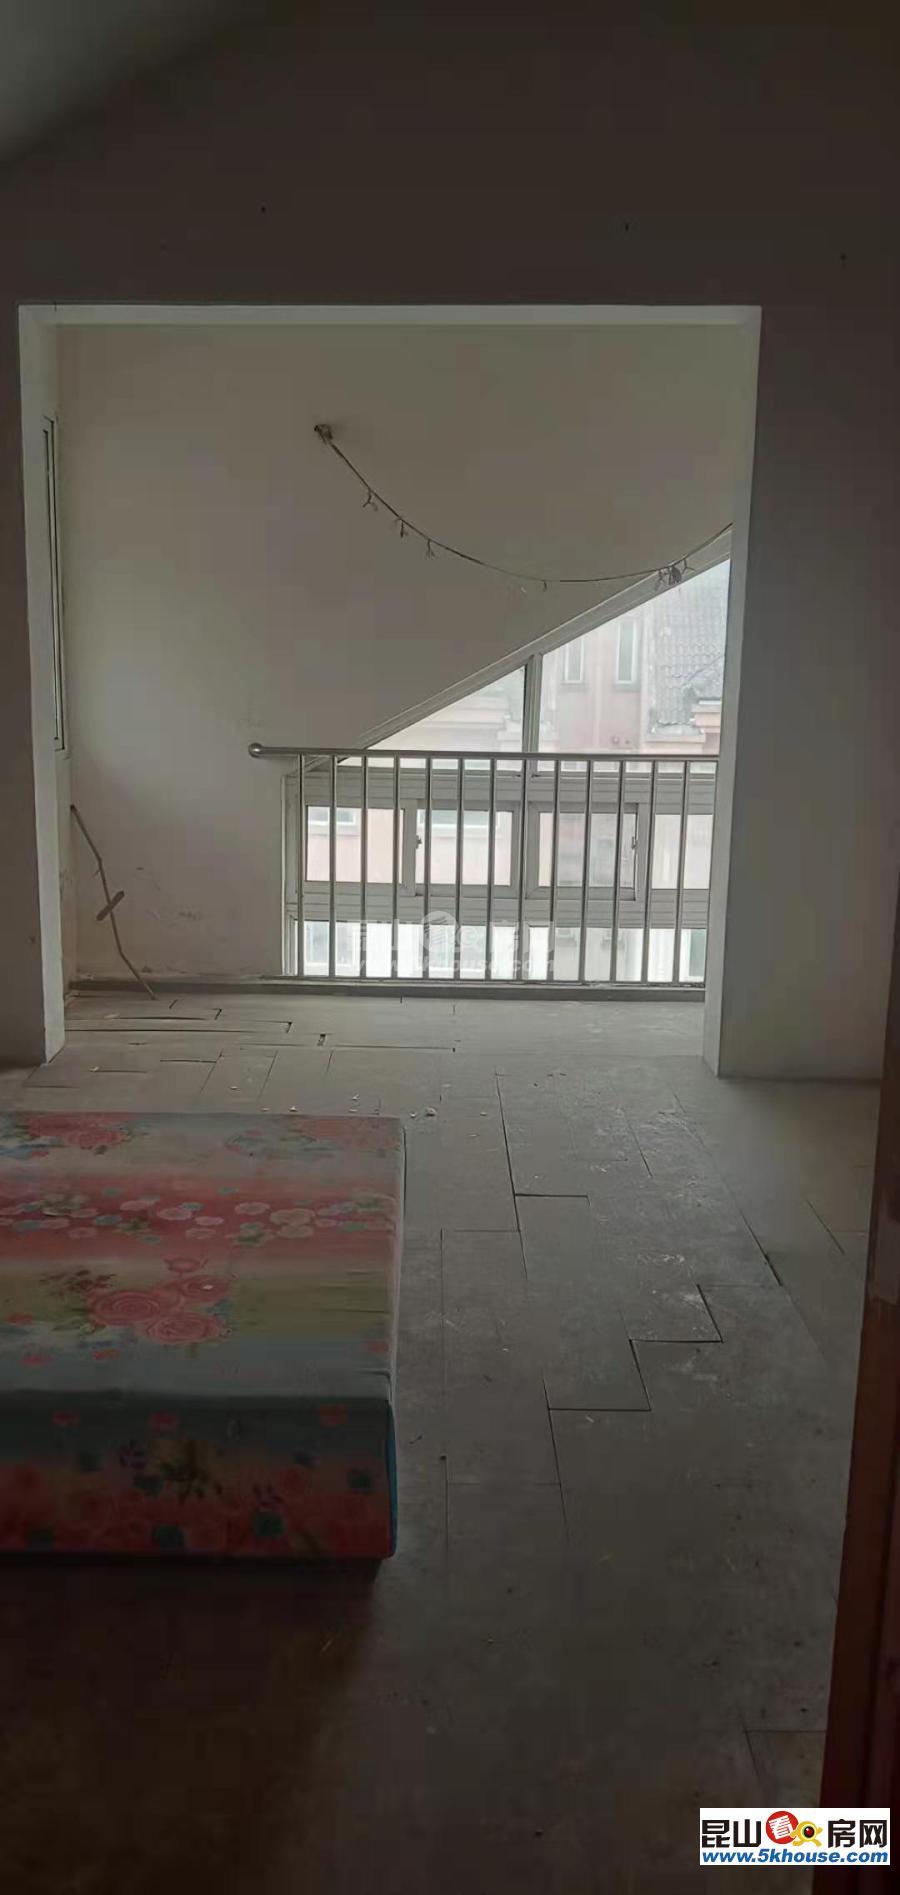 花桥地铁口镇中心小区集善新村 145万 4室2厅2卫 毛坯